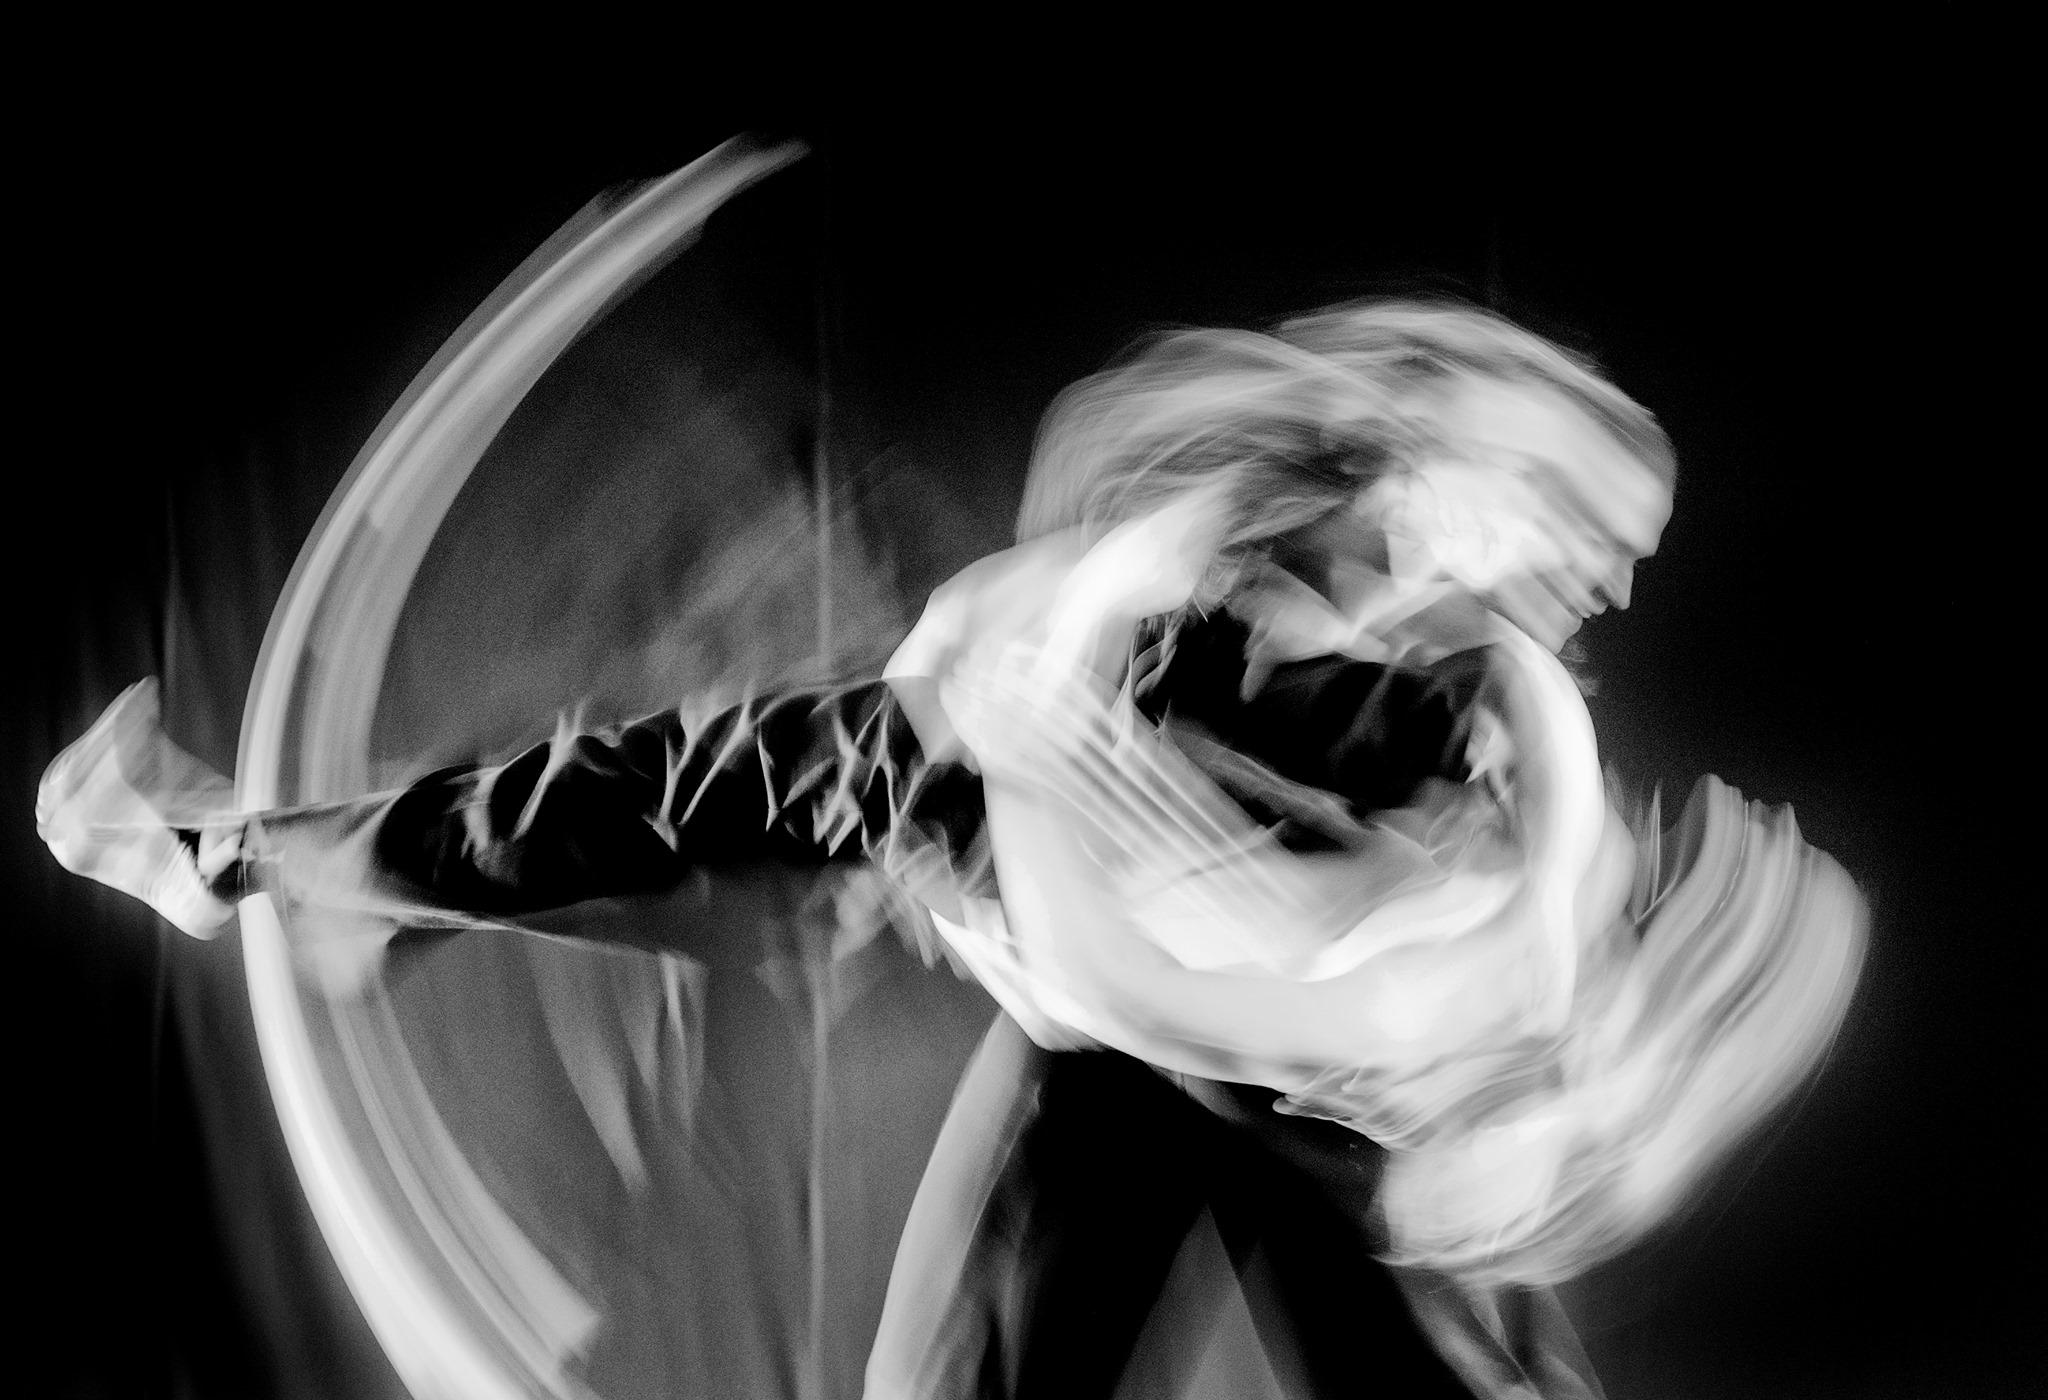 33 международного фестиваля современной хореографии IFMC в 2020 году не будет. Вспоминаем как это было